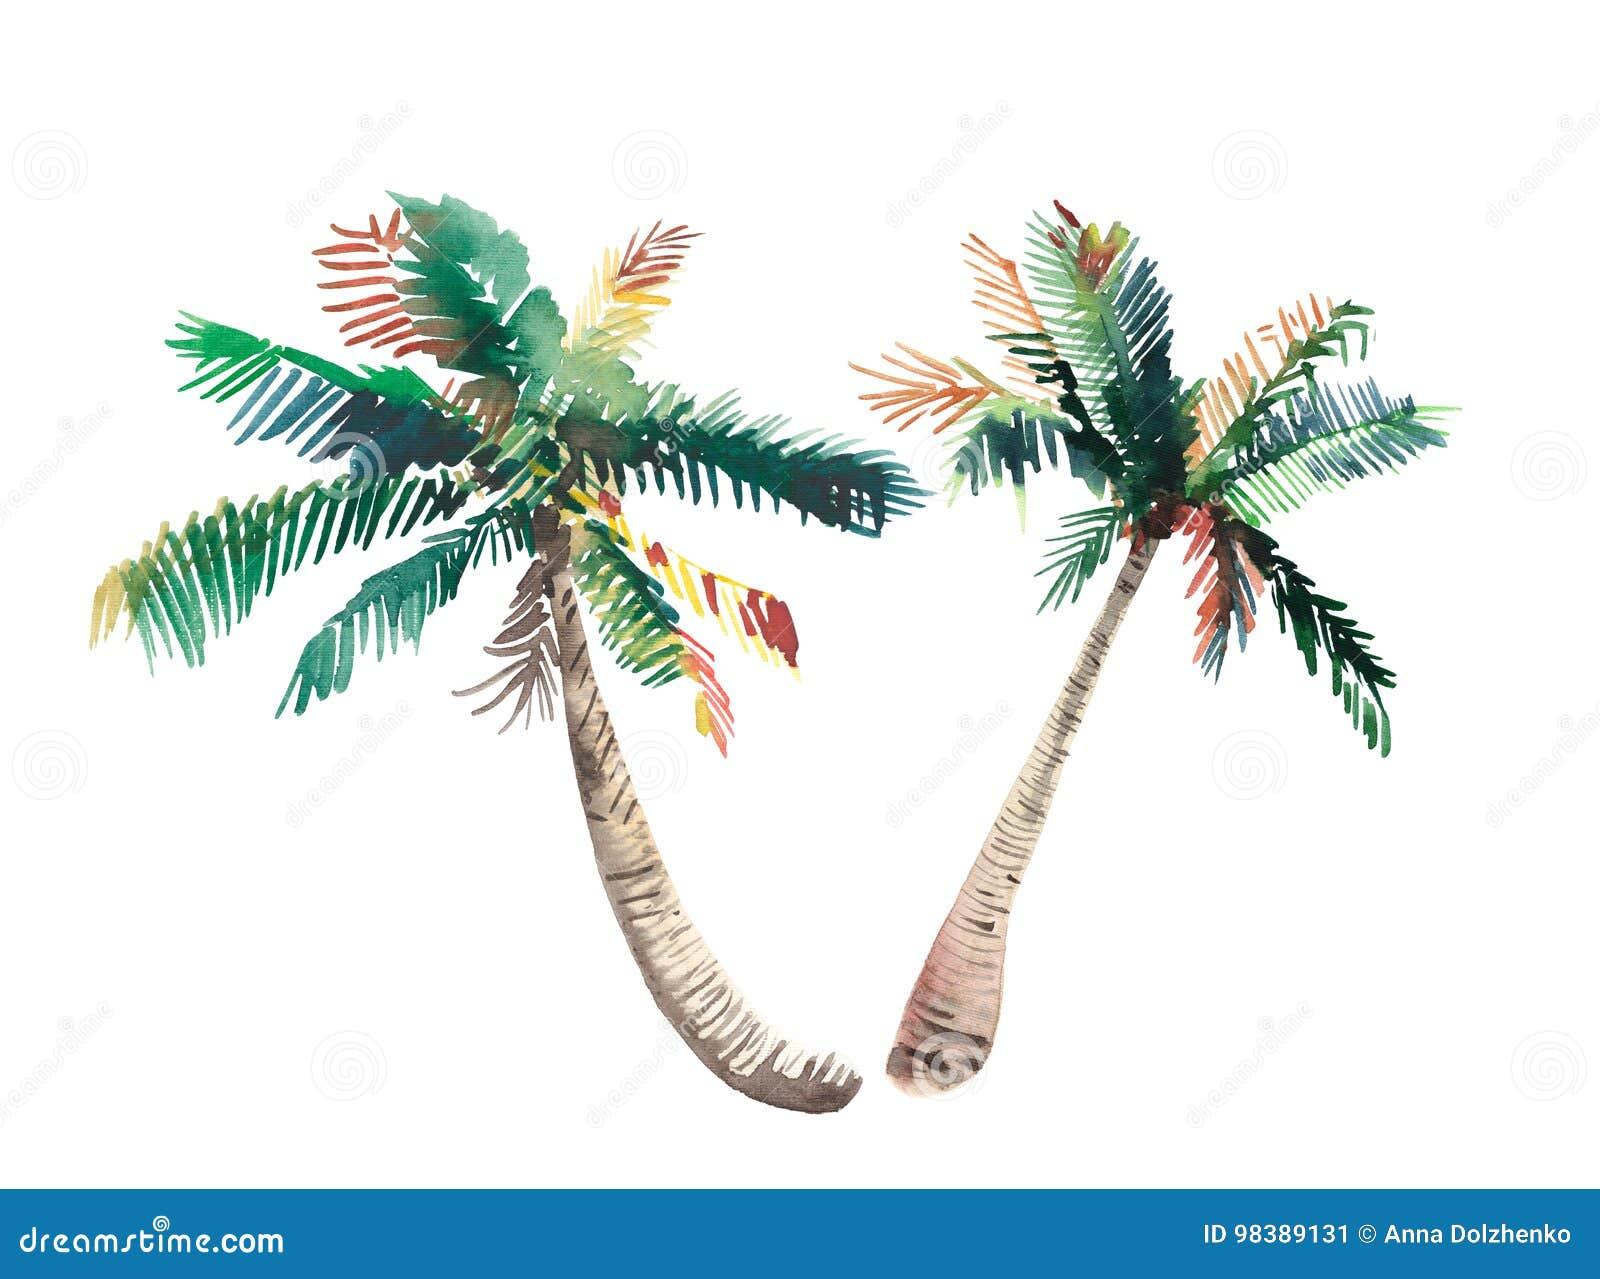 美好的明亮的逗人喜爱的绿色热带可爱的美妙的夏威夷花卉草本夏天两棕榈树水彩手剪影